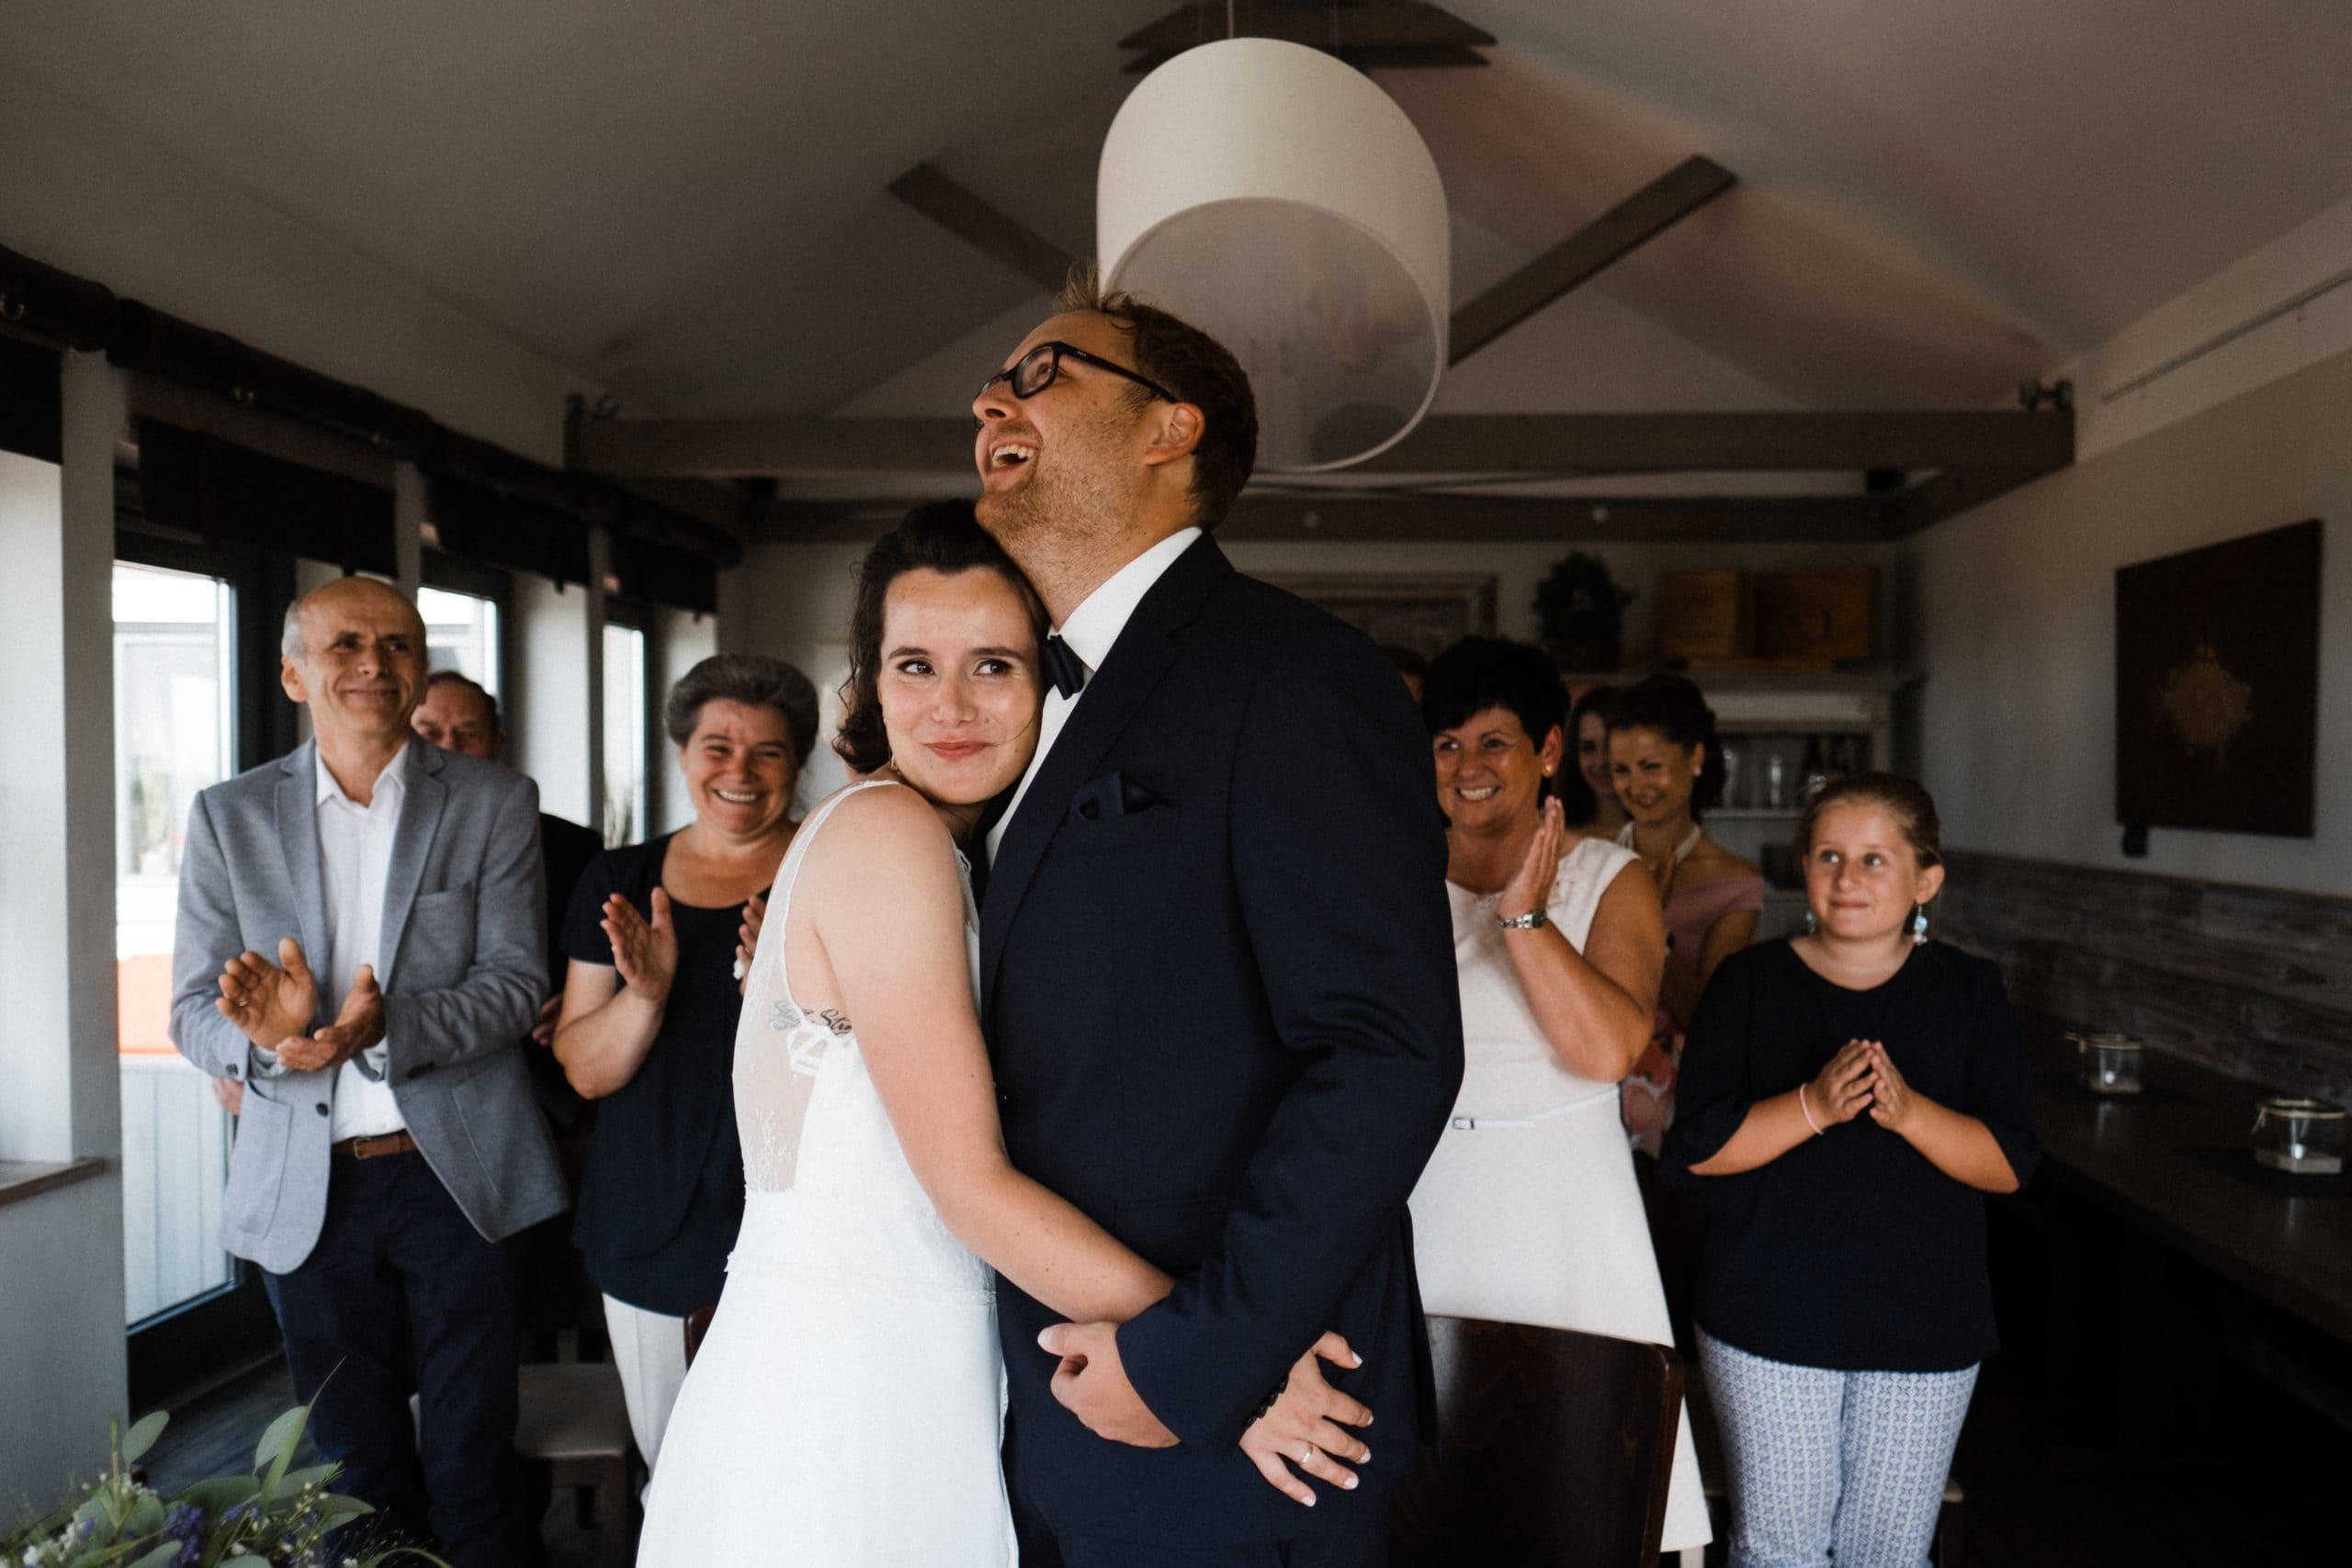 Hochzeitsfotografie Sankt-Peter-Ording- Standesamtliche Trauung frisch verheiratet. Gäste applaudieren